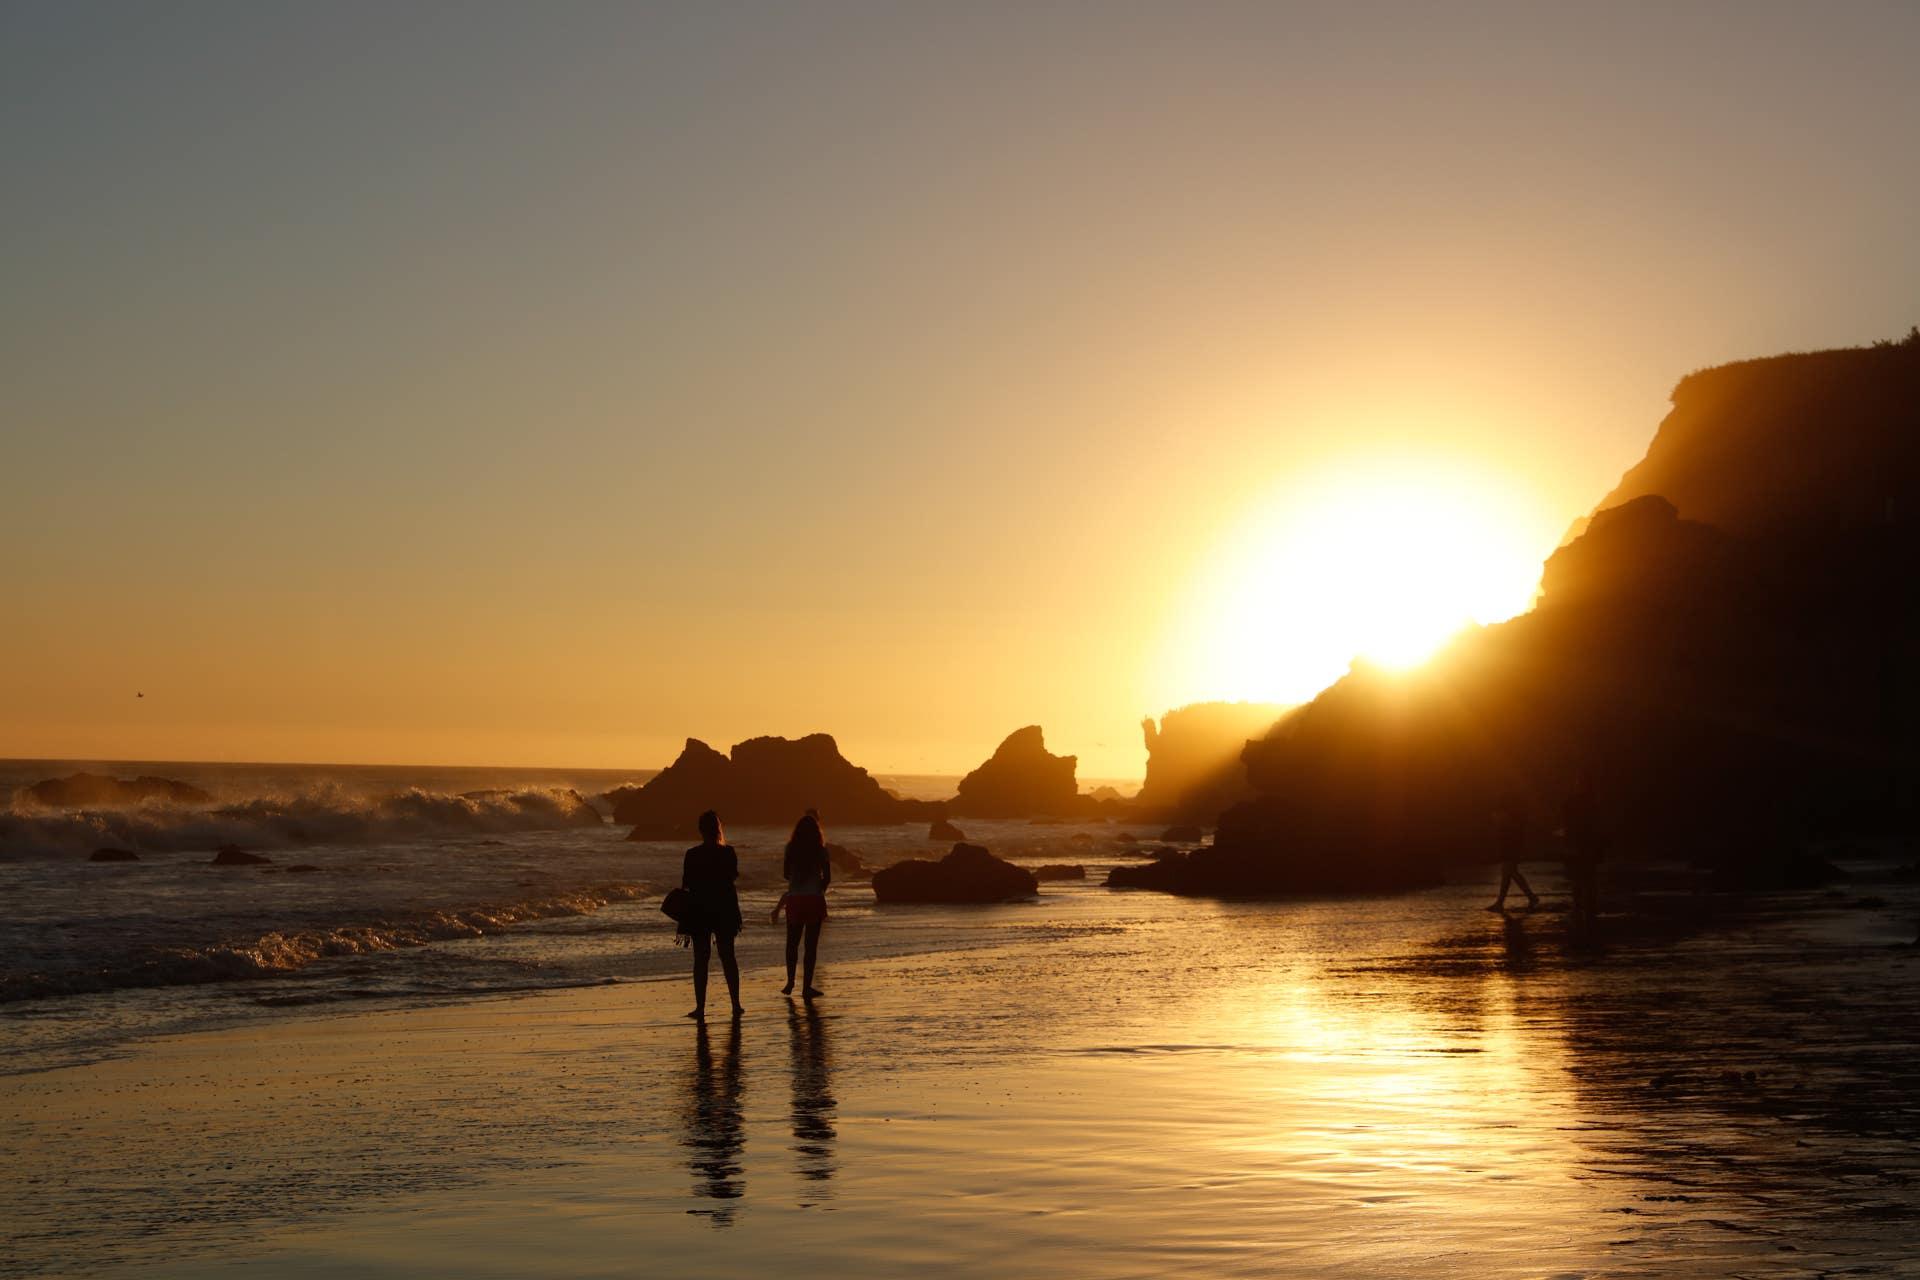 El Matador State Beach in Malibu      Photo: Yuri Hasegawa